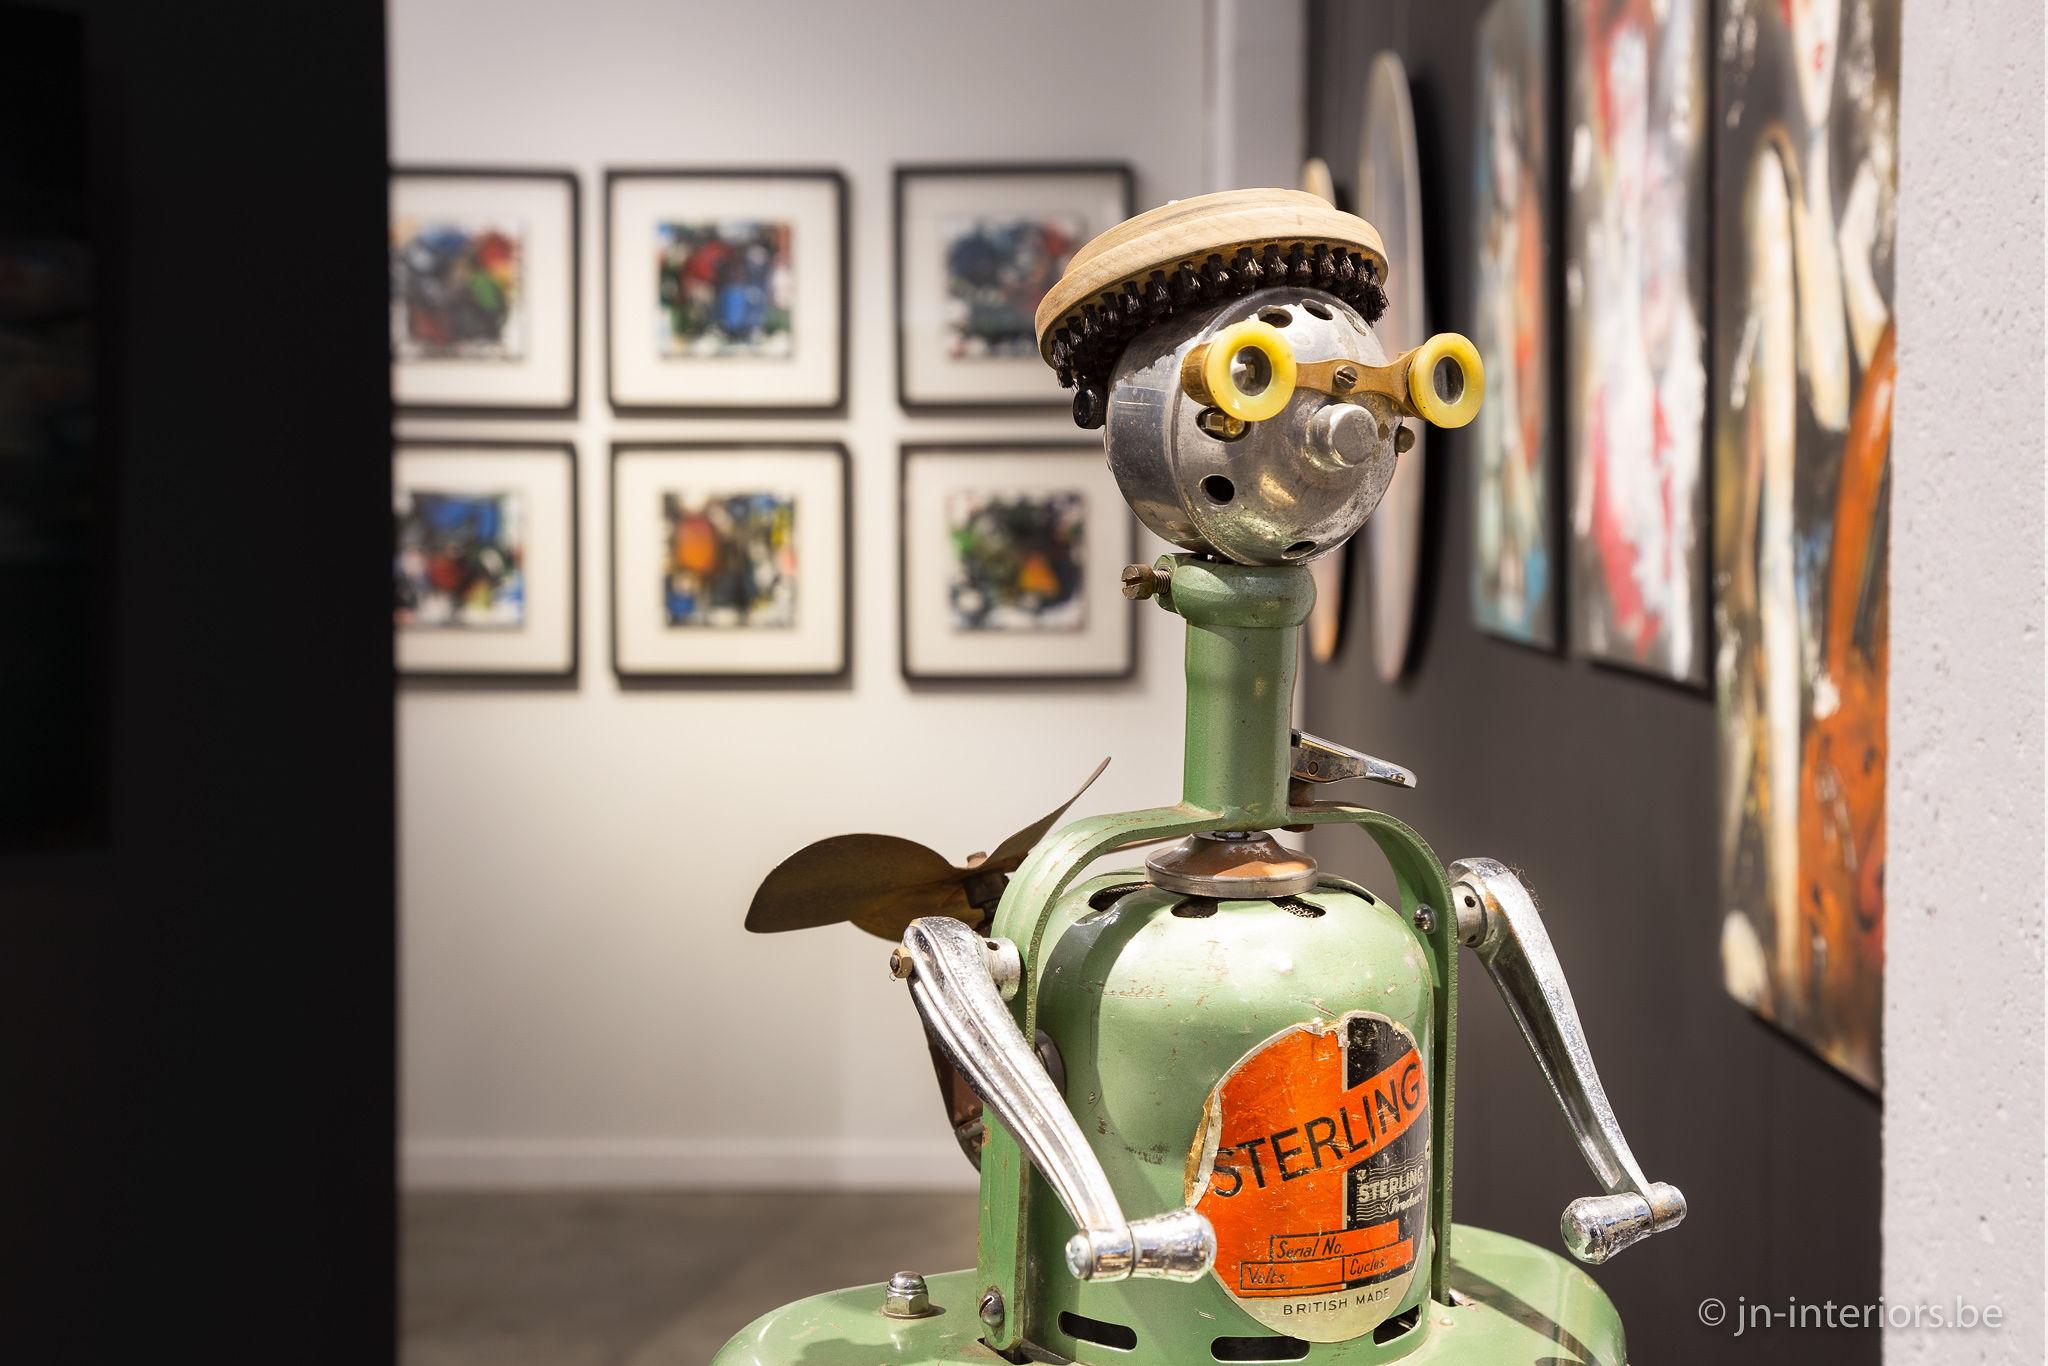 robot vert, oeuvre d'art, artiste belge, création unique, galerie d'art, vernissage belgique, JN interiors, jour et nuit liège belgique